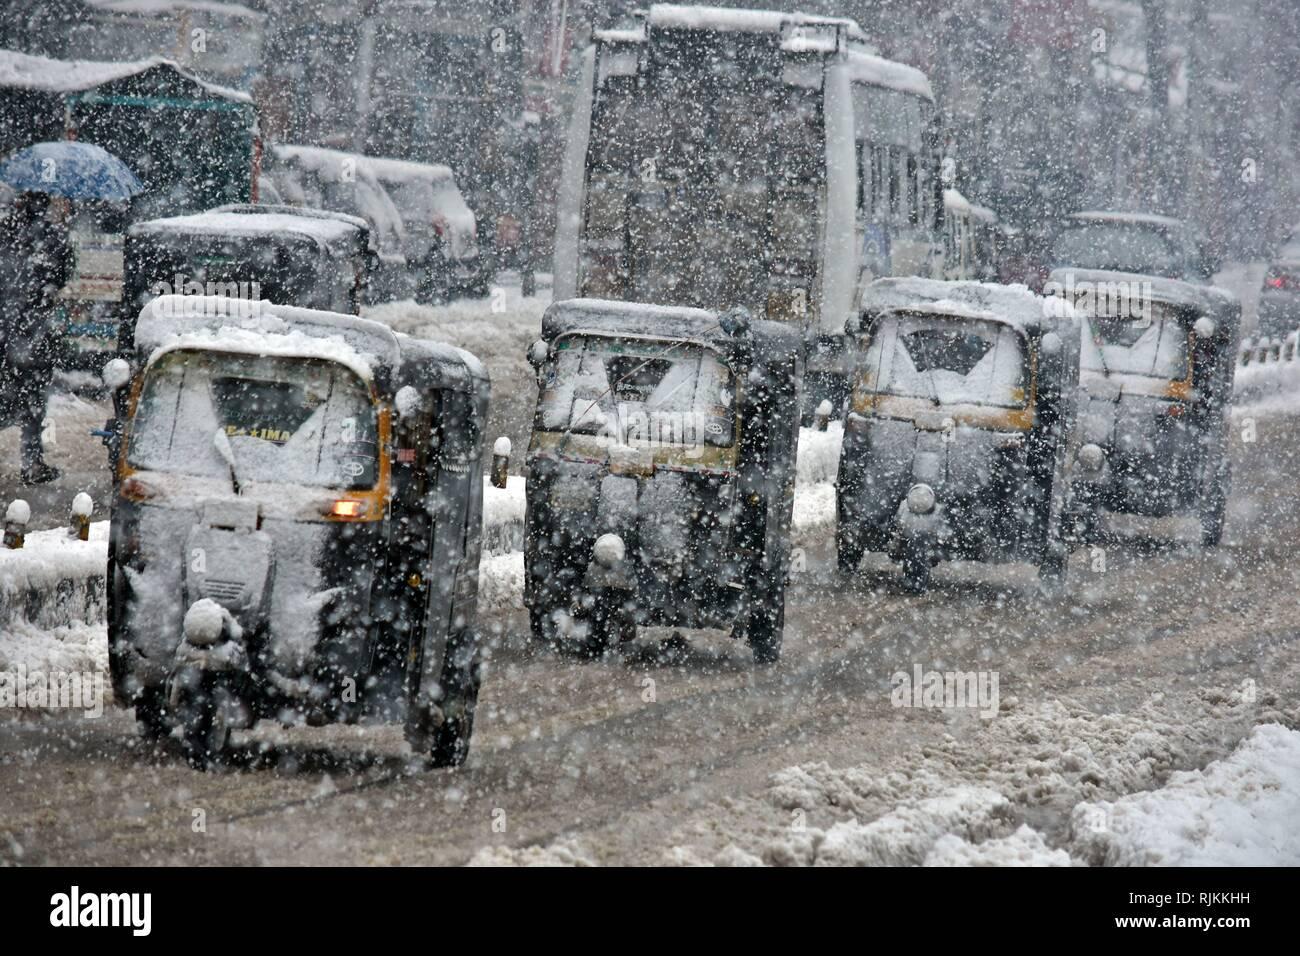 Srinagar, au Cachemire. 7 Février, 2019. Une ligne serpentine d'auto-rickshaws vu pendant les chutes de neige fraîche à Srinagar, au Cachemire.neige fraîche affecté l'ensemble de la vallée du Cachemire. Le réseau routier national est resté fermé pour la deuxième journée consécutive et de services de vol et de Srinagar ont été annulés.l'homme a des prévisions météorologiques dans l'amélioration des conditions météorologiques à partir de la Feb 8. Credit: ZUMA Press, Inc./Alamy Live News Photo Stock